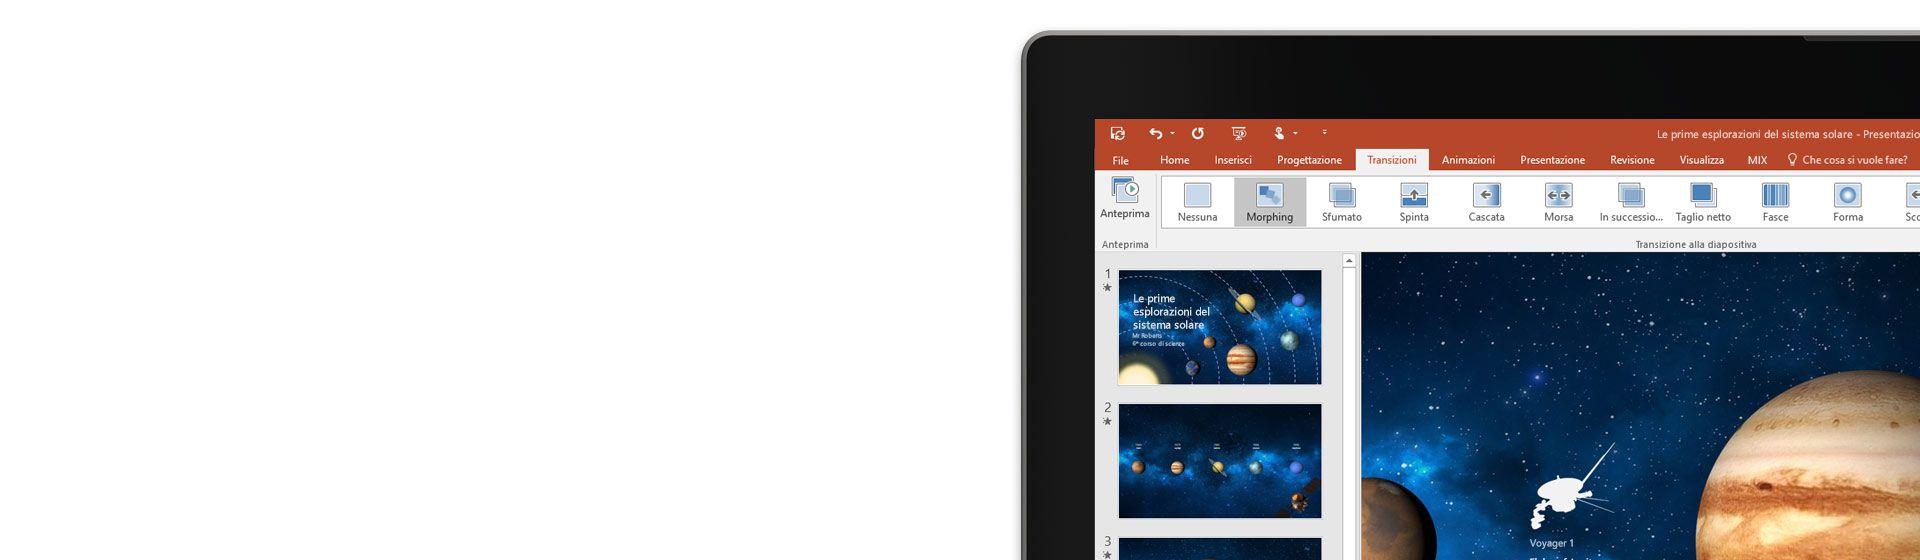 Angolo dello schermo di un portatile che visualizza una presentazione di PowerPoint sull'esplorazione del sistema solare